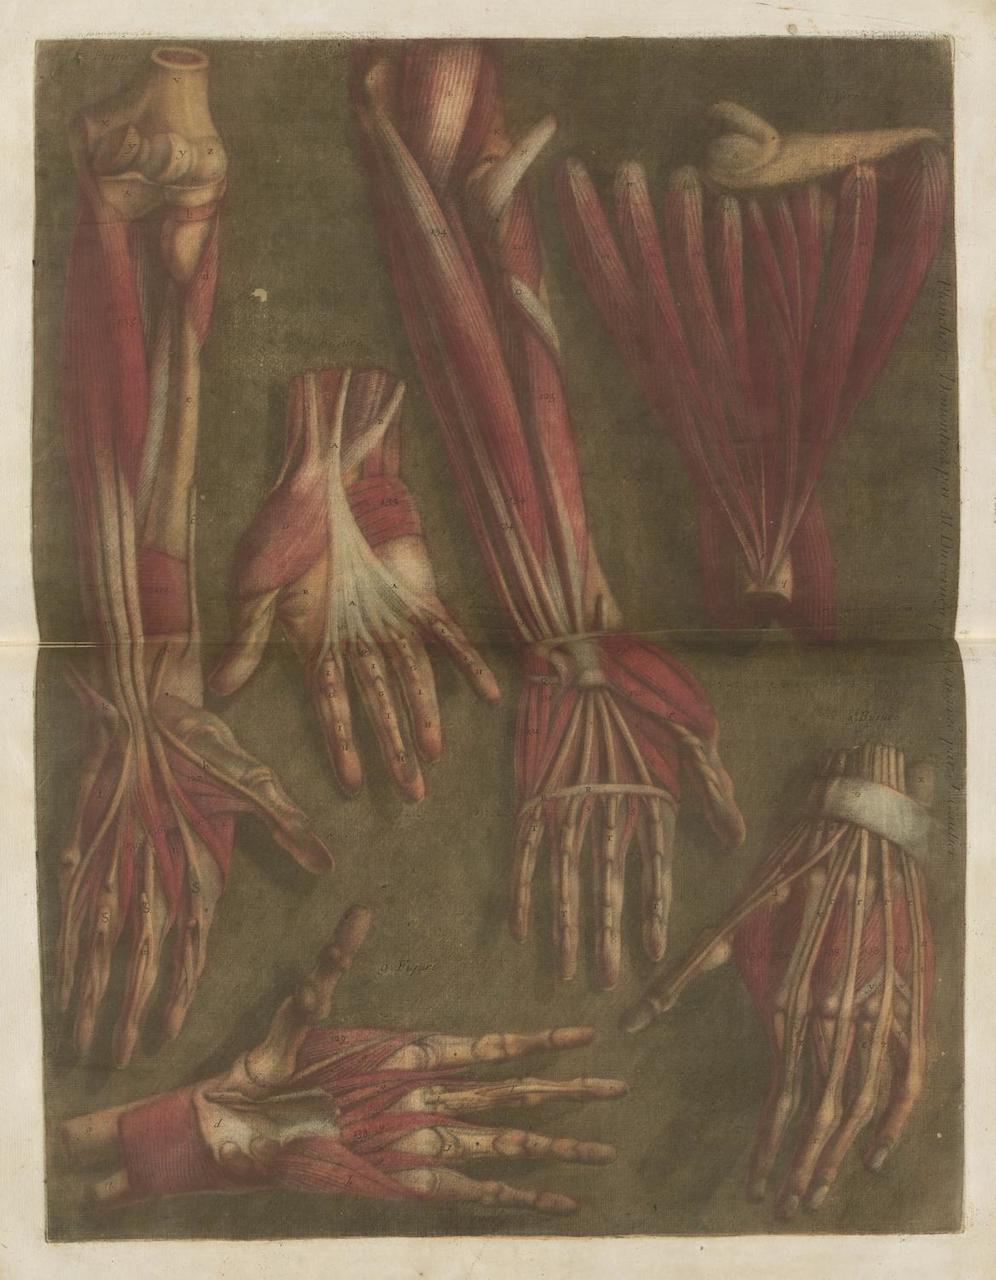 """Jacques Gautier-D'Agoty, """"Myologie Complette en Couleur"""" (1746)"""